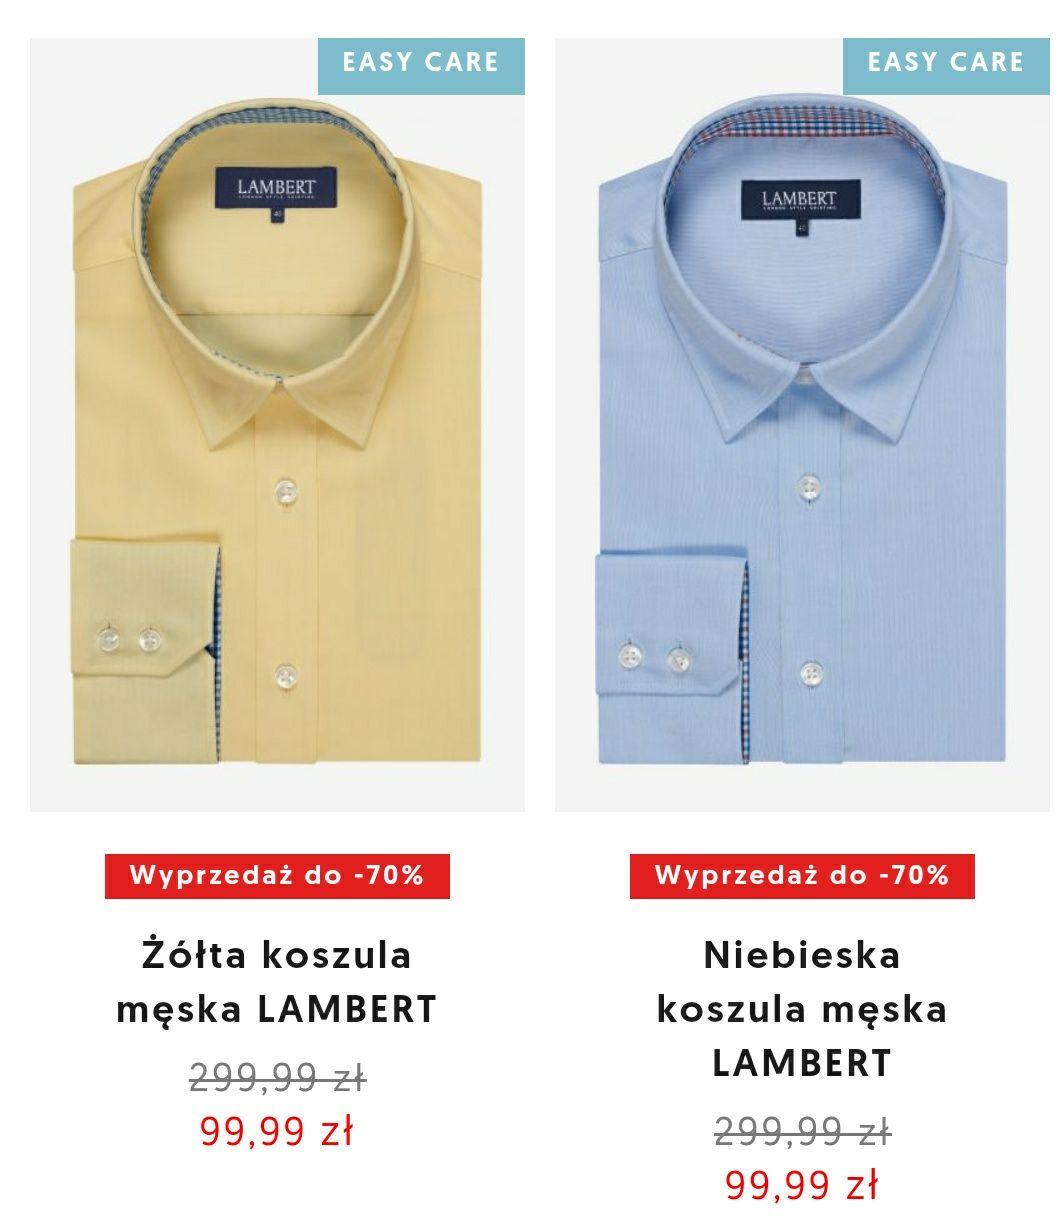 Koszule Wólczanka oraz Lambert do -70%